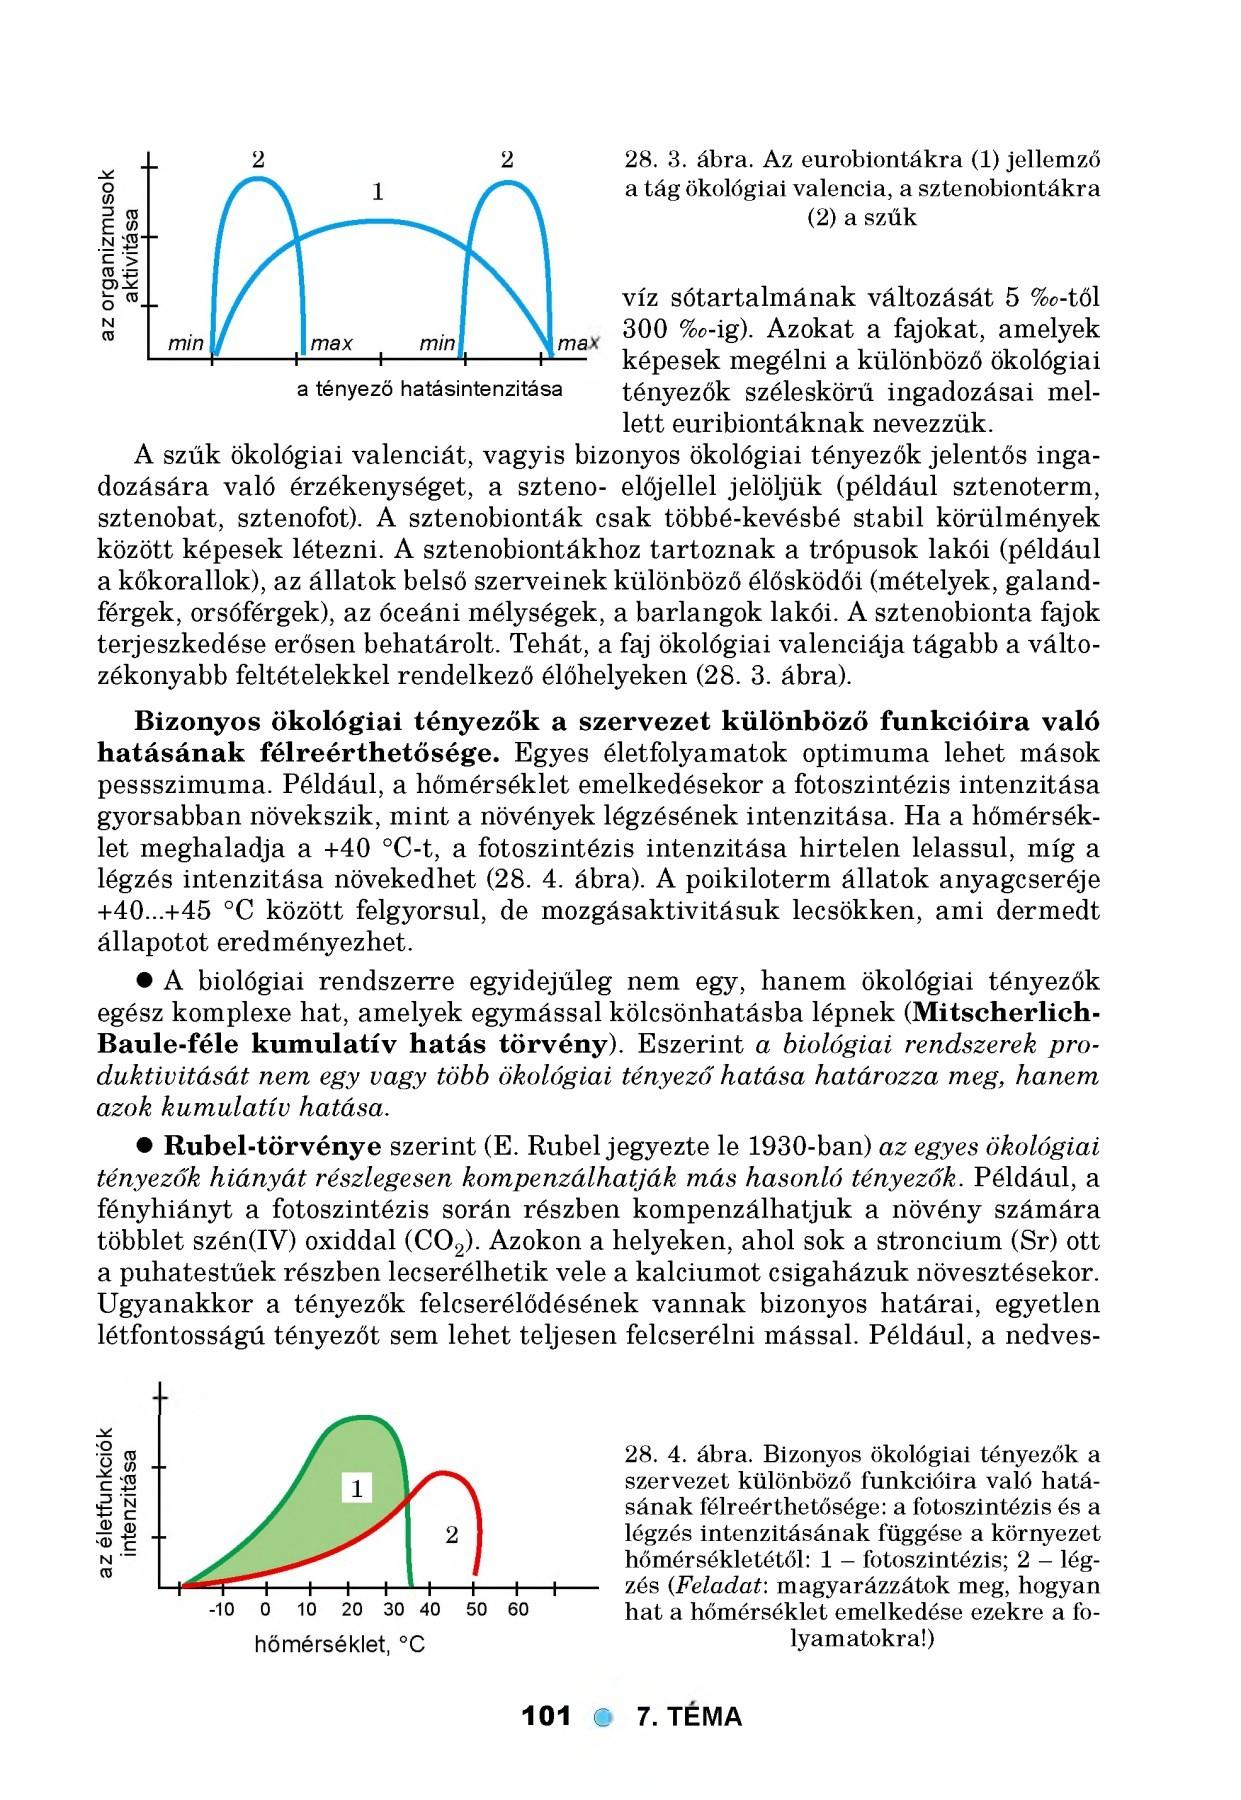 Chinggis Khan parazita tisztítási módszere